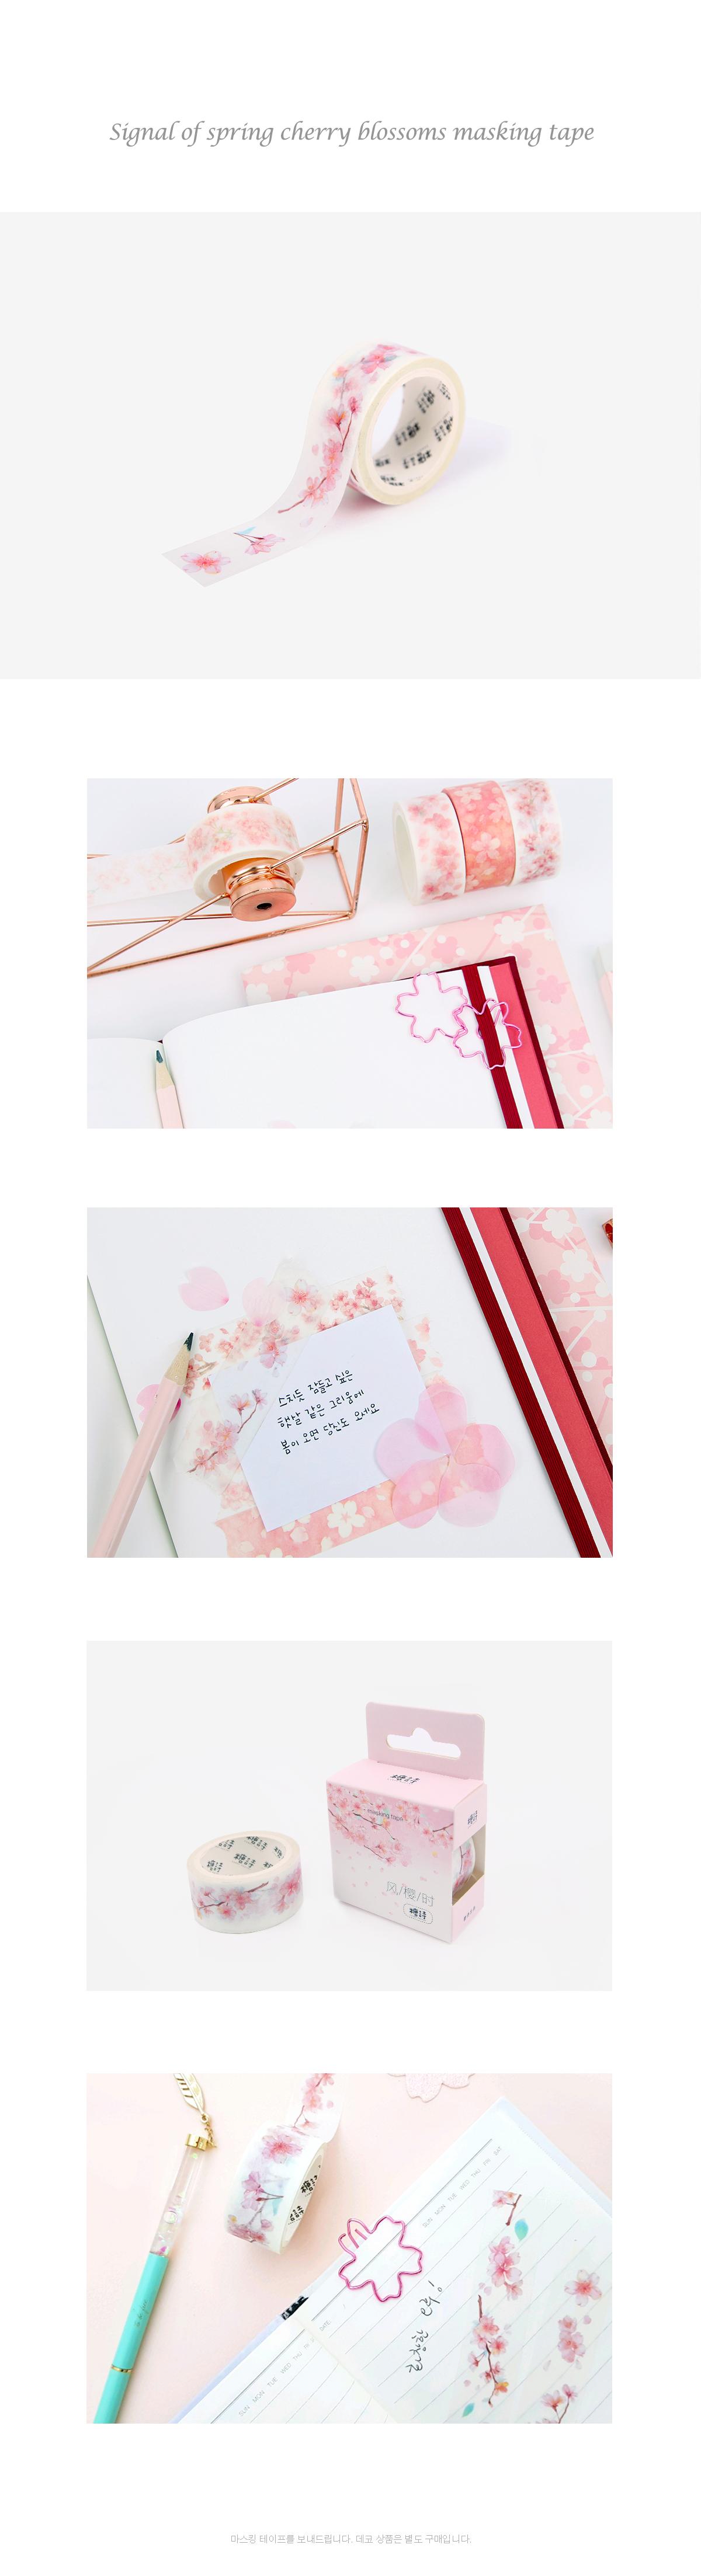 봄을 알리는 벚꽃 마스킹 테이프 - 인디고샵, 3,200원, 마스킹 테이프, 종이 마스킹테이프